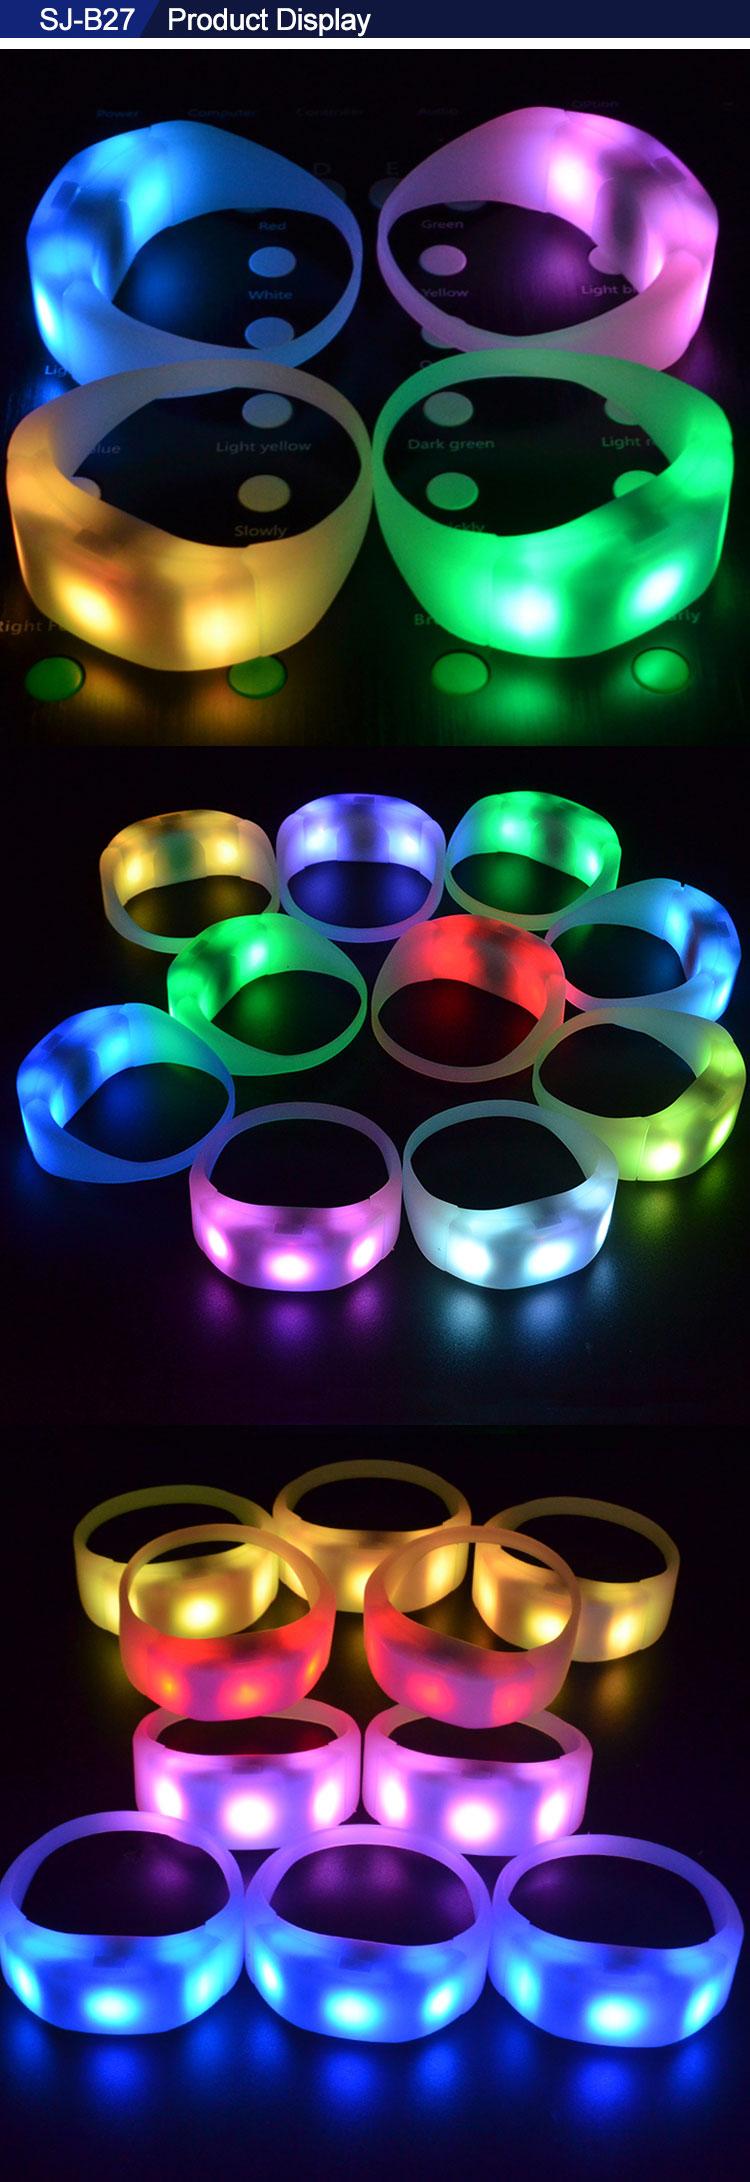 สินค้าใหม่ไอเดีย 2019 3 ไฟ led เรืองแสงใน silicon led สายรัดข้อมือรีโมทคอนโทรลสำหรับคอนเสิร์ตใหญ่